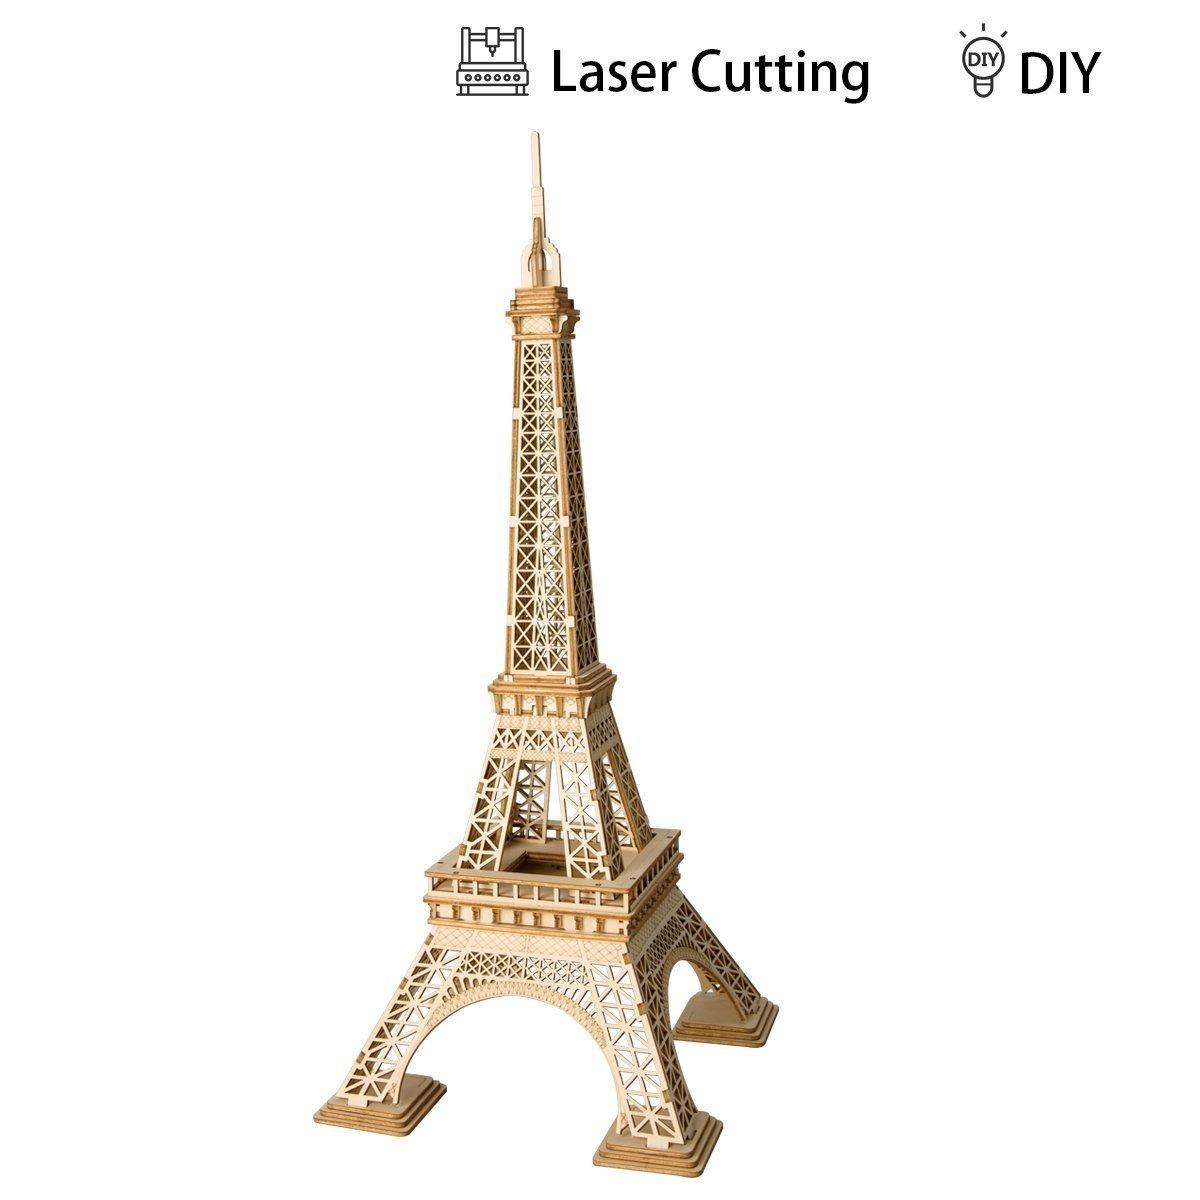 【超特価】 ROBOTIME ティーン 3Dタワー 木製ジグソーキット DIY 木製パズル DIY ハンドクラフト 機械式玩具 ROBOTIME 子供 ティーン 大人 ギフト B07DJ2V8LR, 【国際ブランド】:da2de318 --- a0267596.xsph.ru